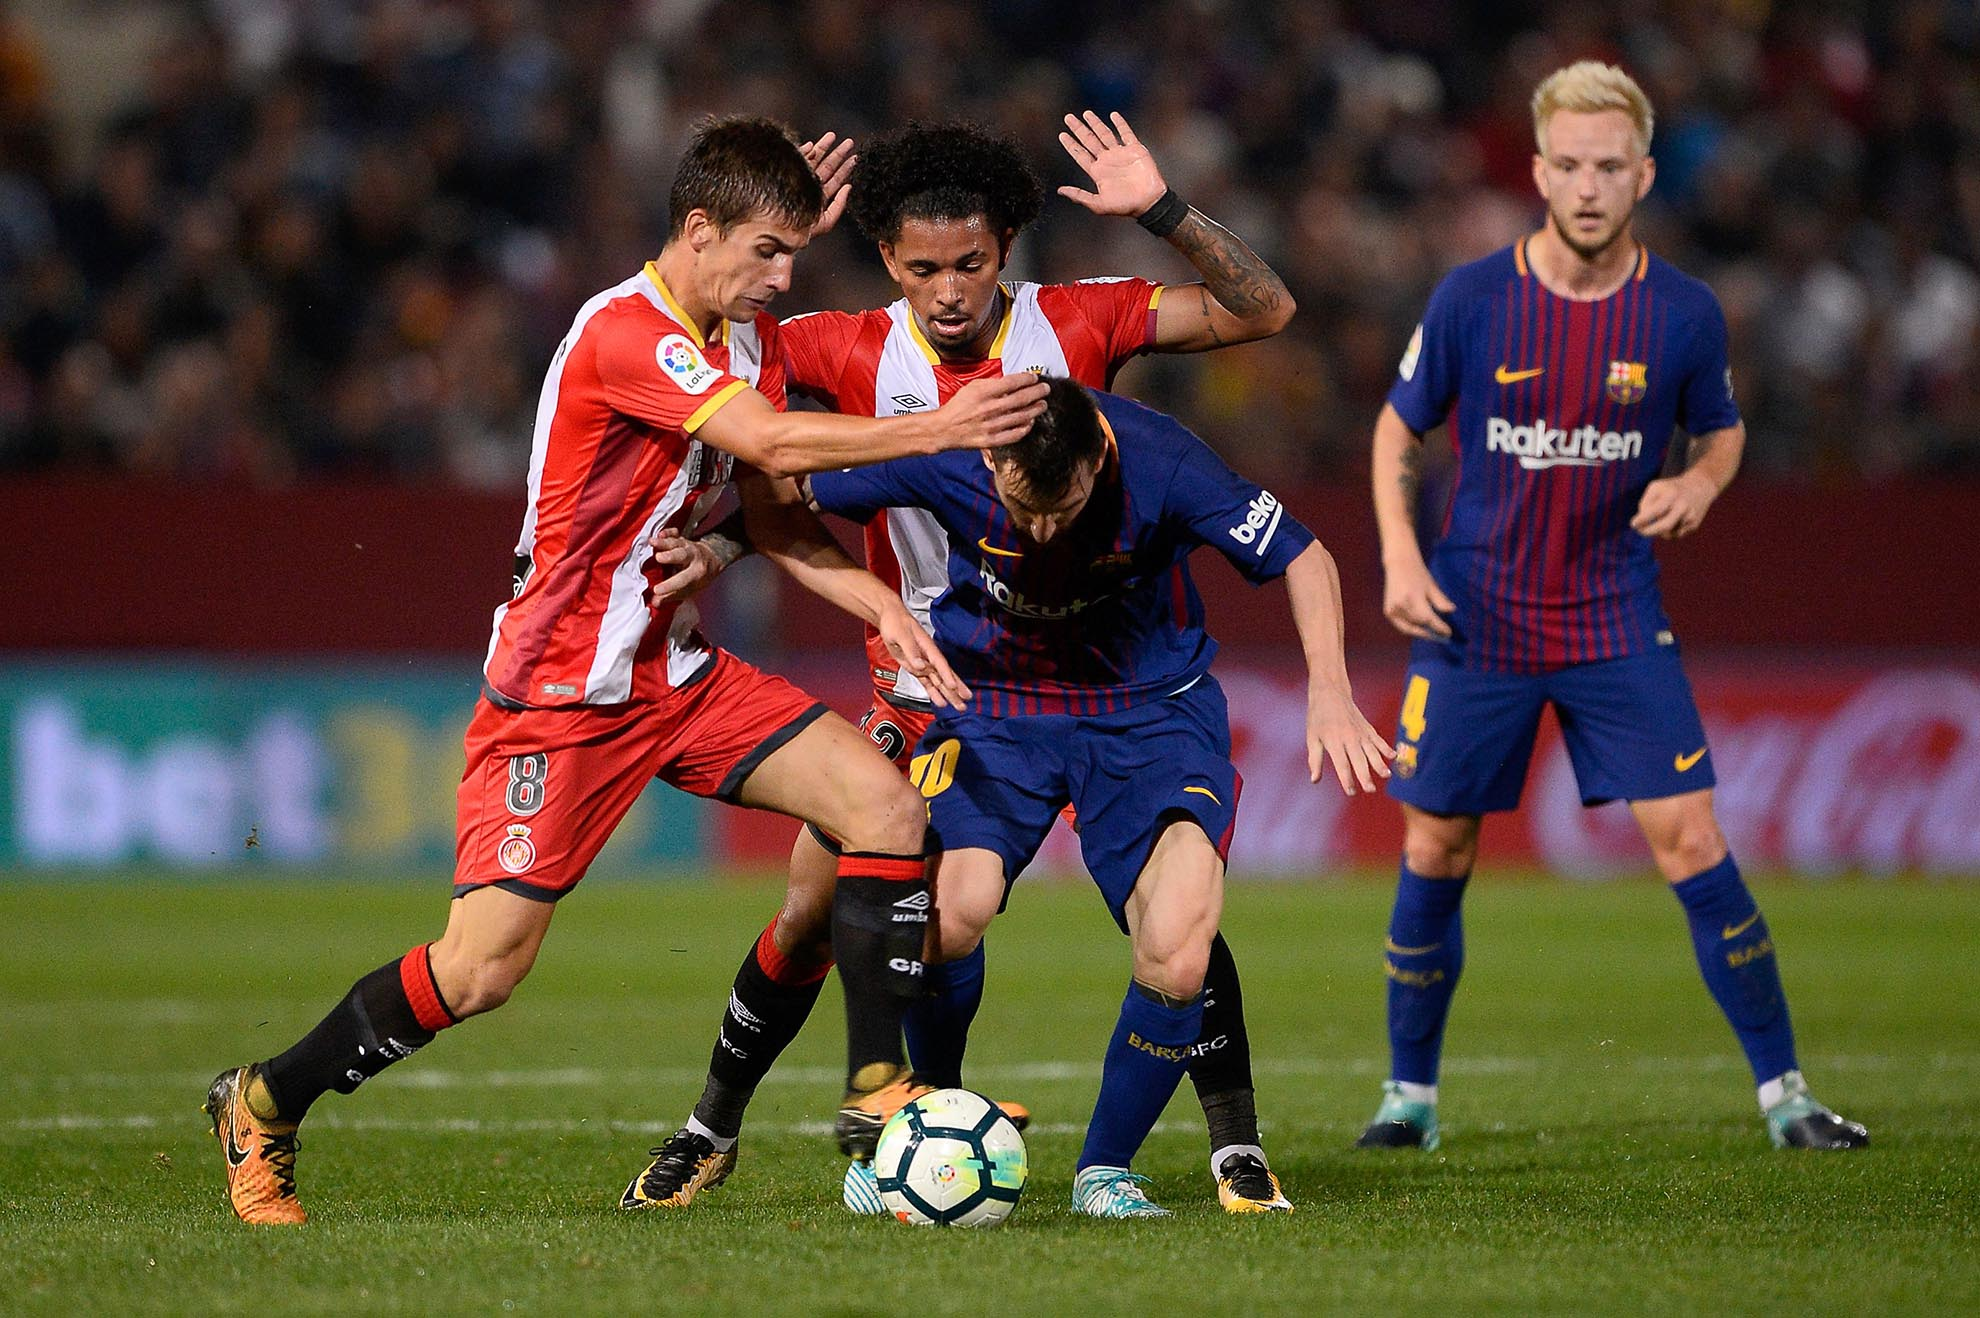 Con dos goles de Messi, Barcelona goleó a Girona y se escapa